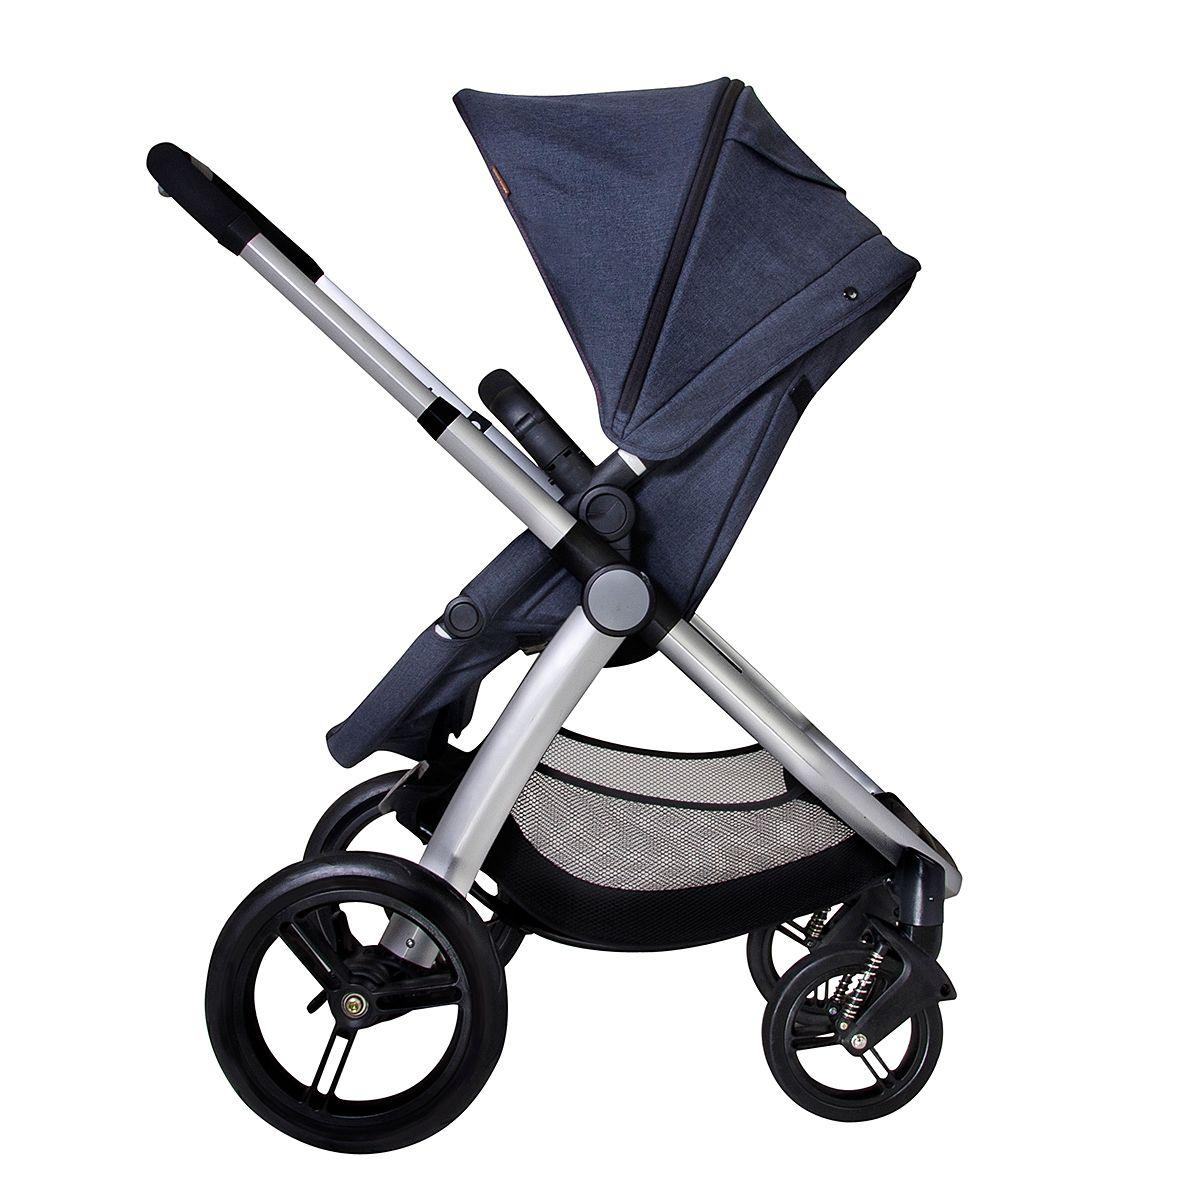 Best Lightweight Stroller Reviews UK Best lightweight